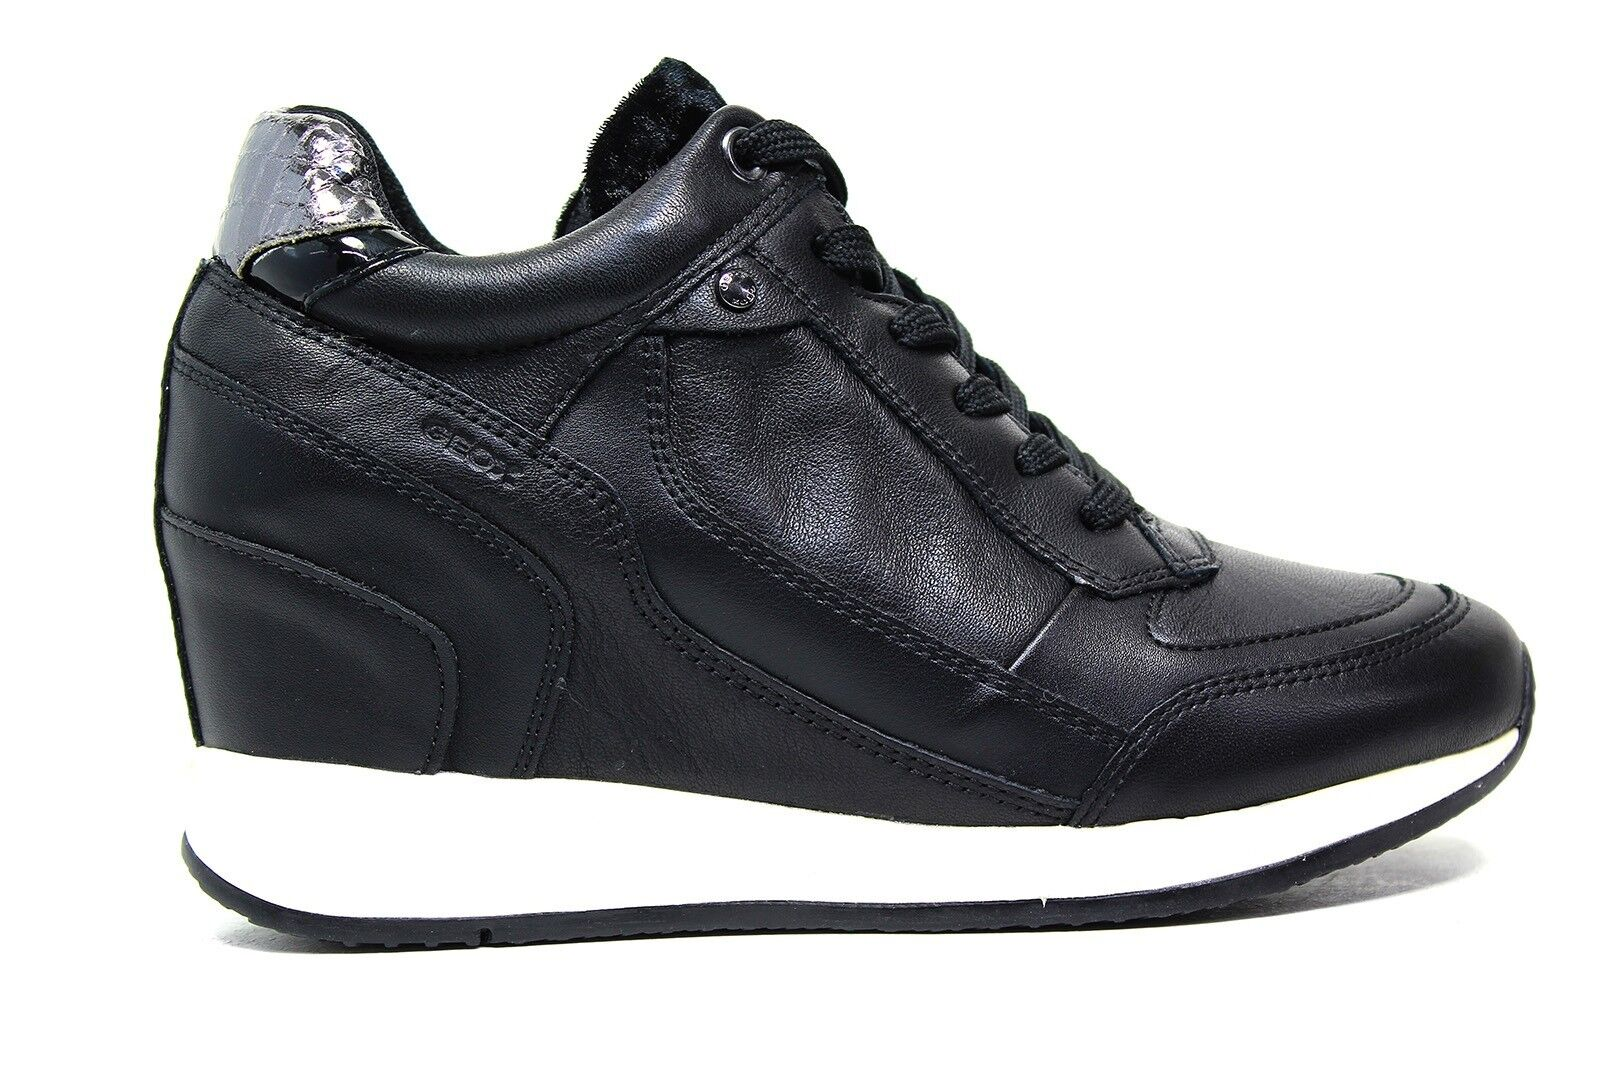 Geox sneaker Autunno con zeppa colore nero D540QA 00085 C9997 Autunno sneaker Inverno 2017 2018 d20d48